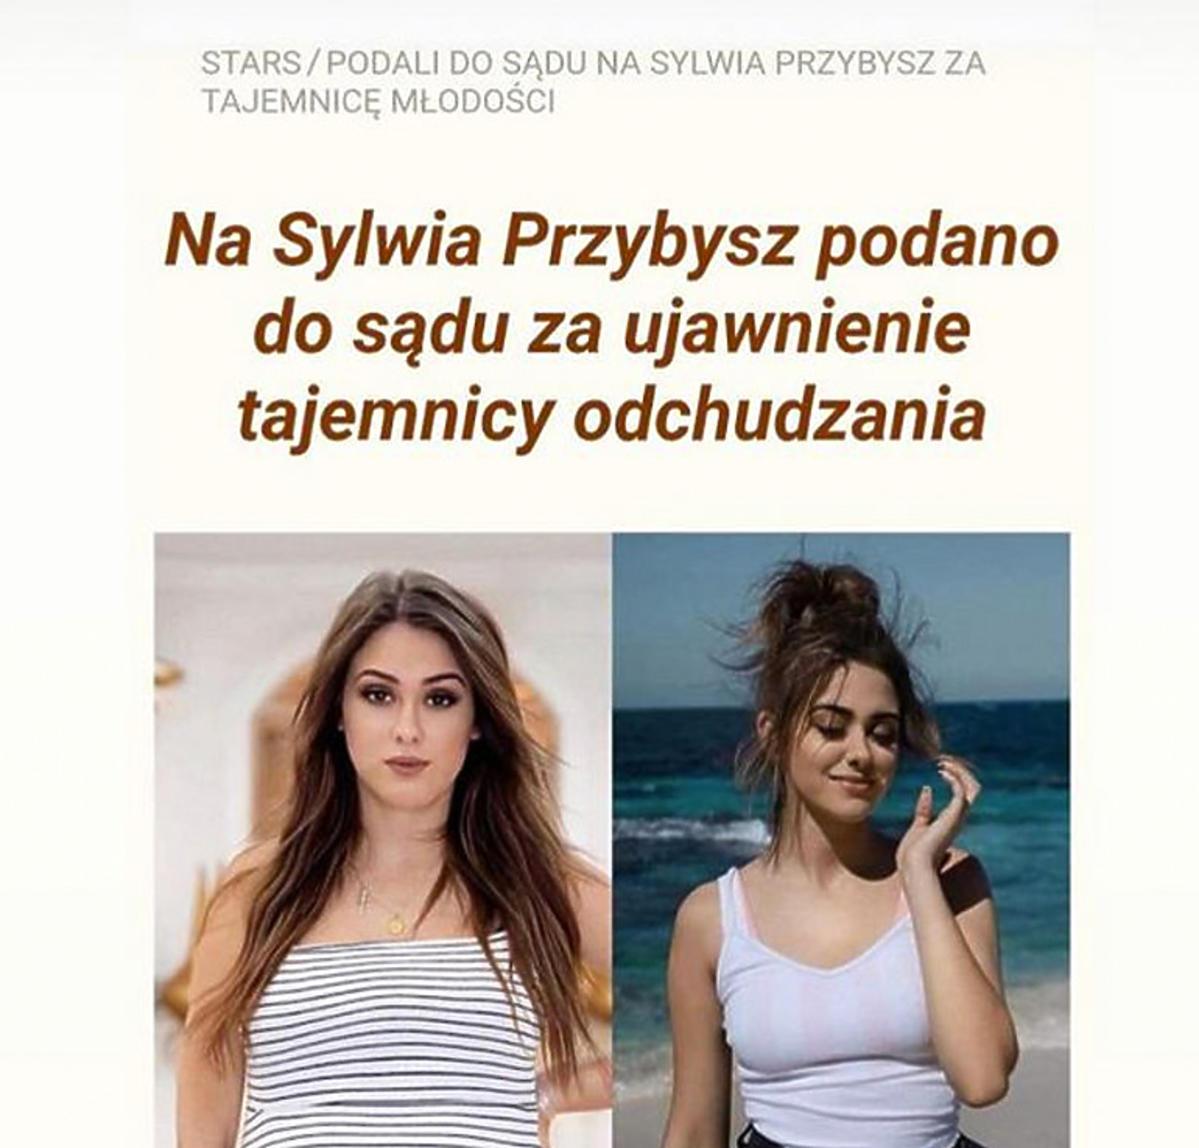 Sylwia Przybysz padła ofiara oszusta: